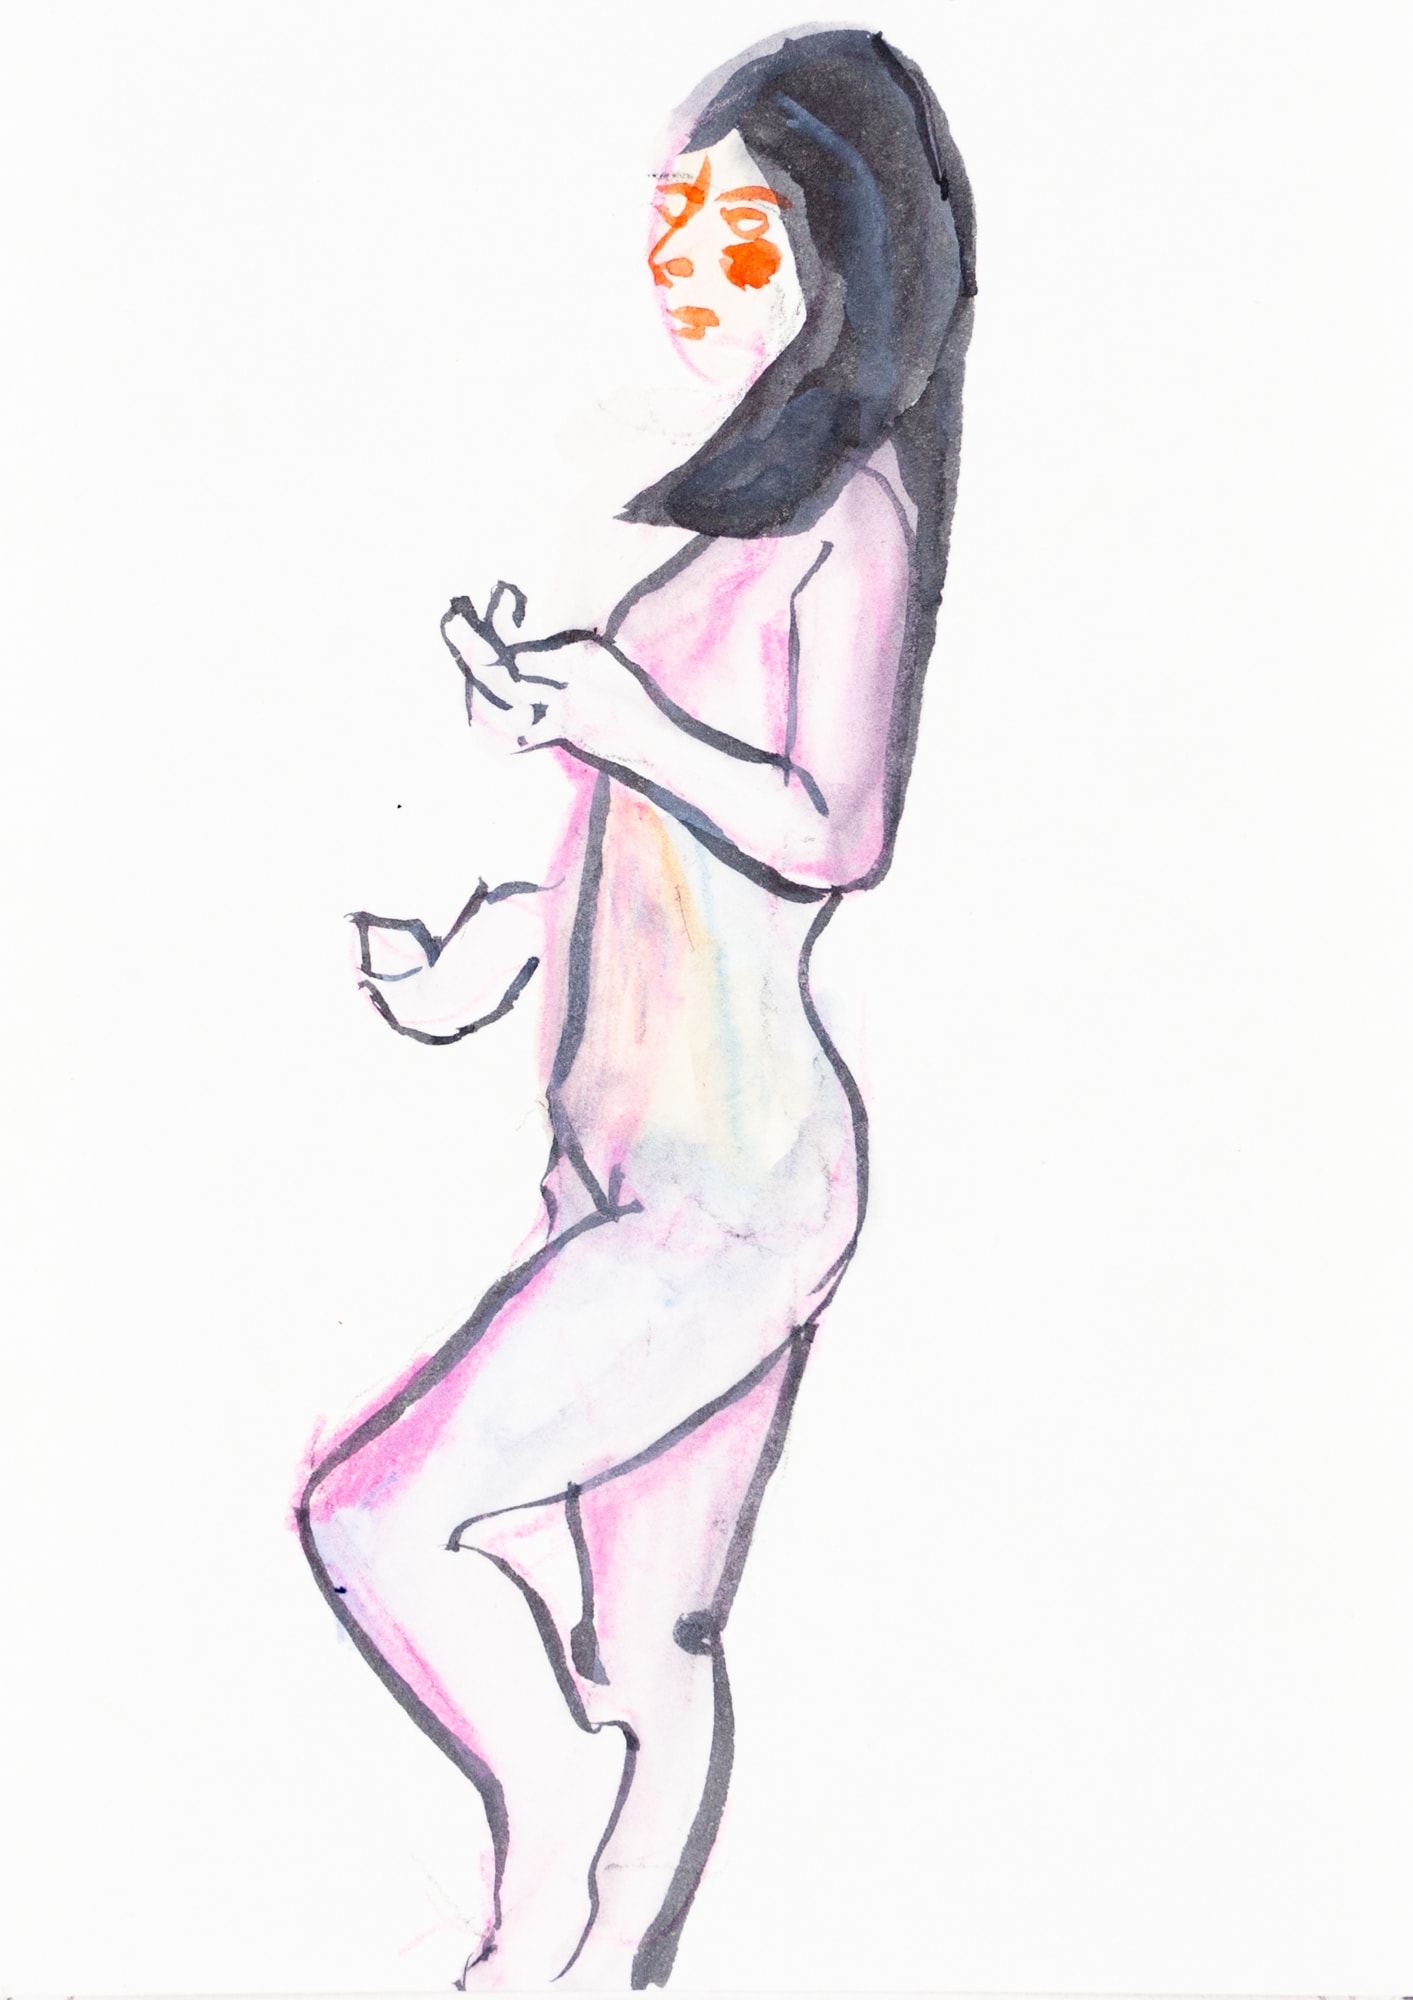 Zeichnung, Aquarell und Tusche auf Postkarte, 10,5x14,8cm, Frauenakt, Künstlerin: Franziska King